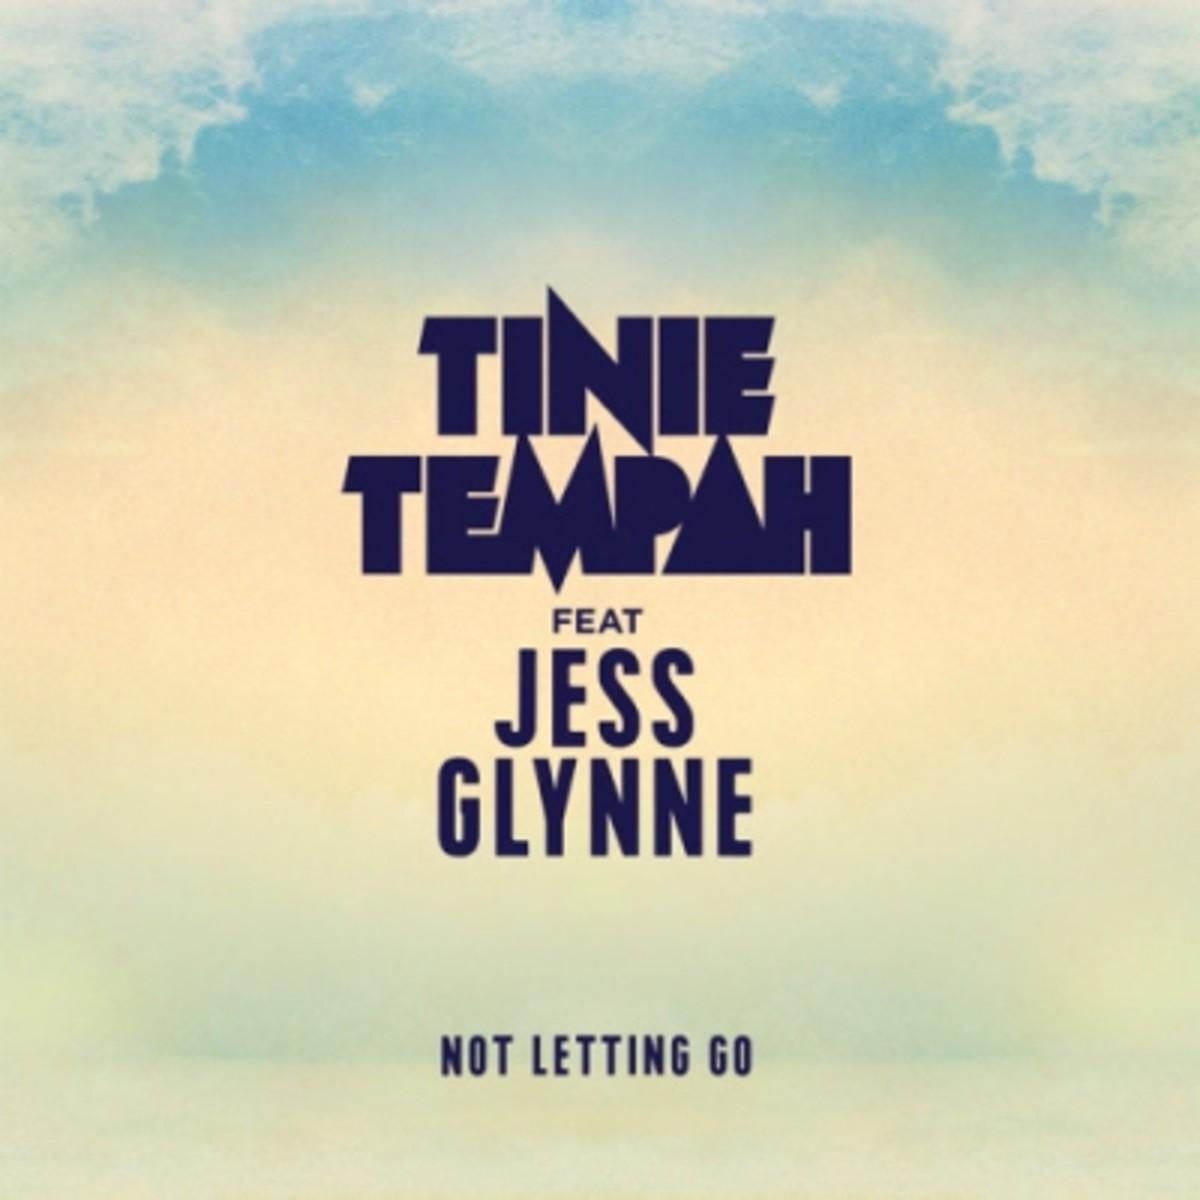 tinie-tempah-not-letting-go.jpg